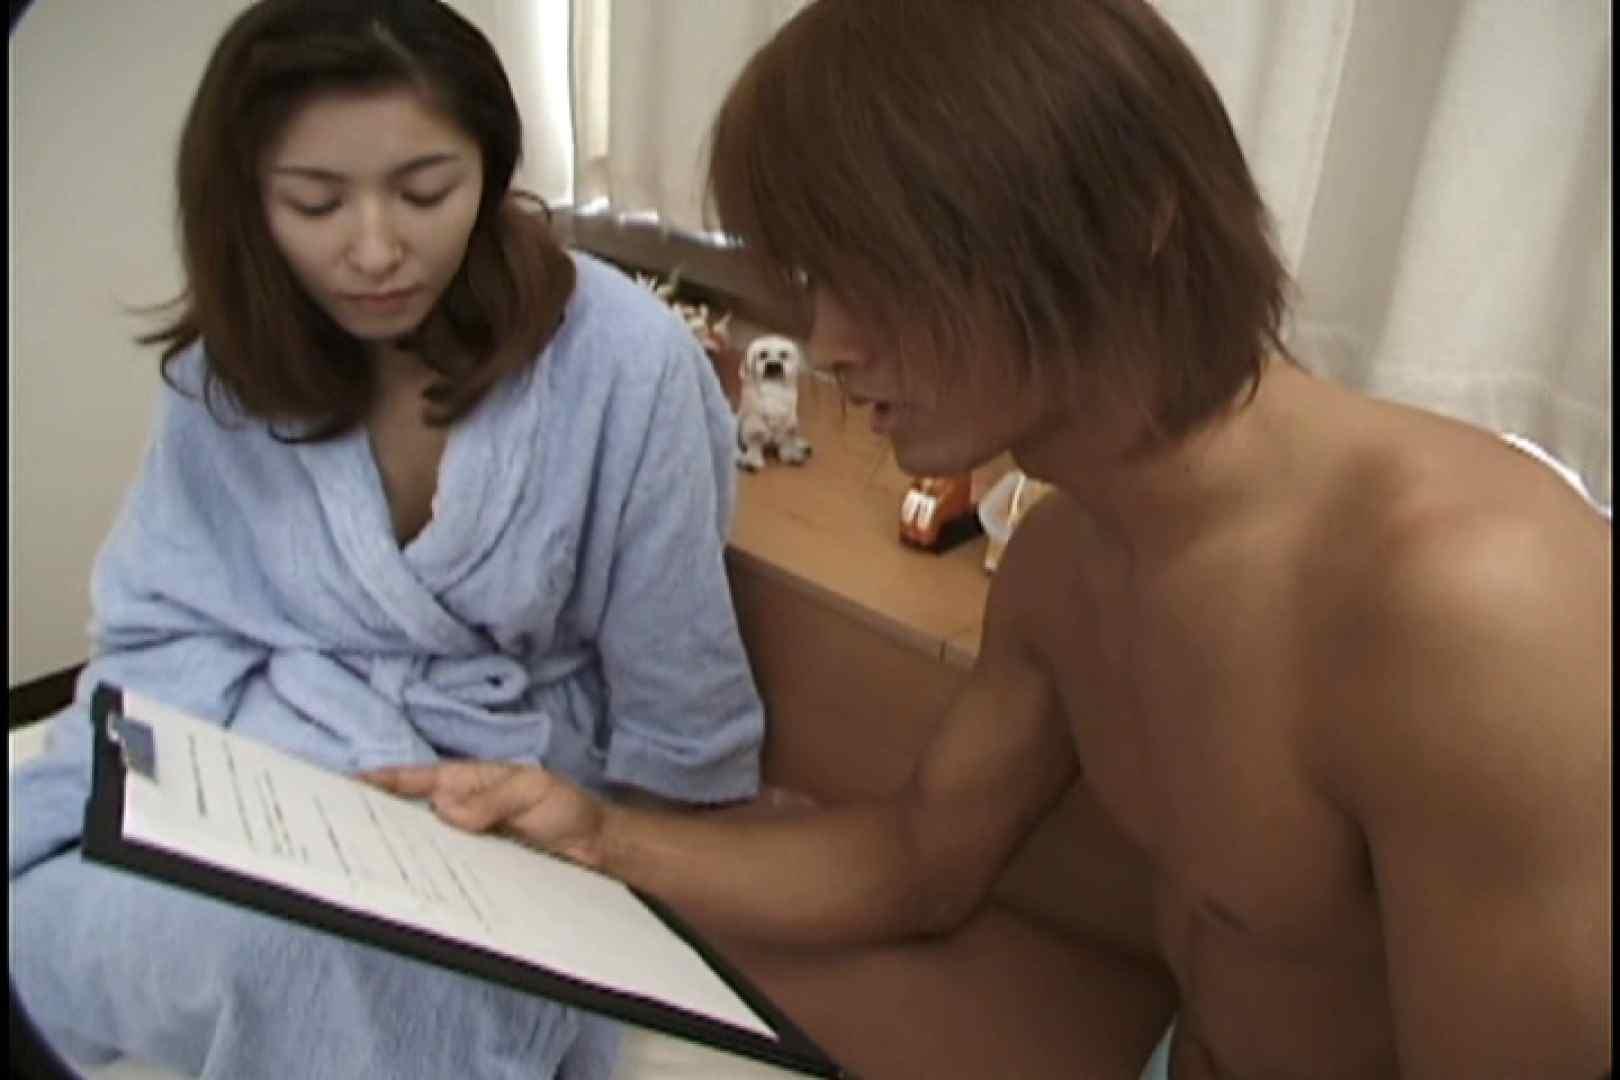 昼間の奥様は欲求不満 ~安田弘美~ 人妻 セックス画像 58PIX 29